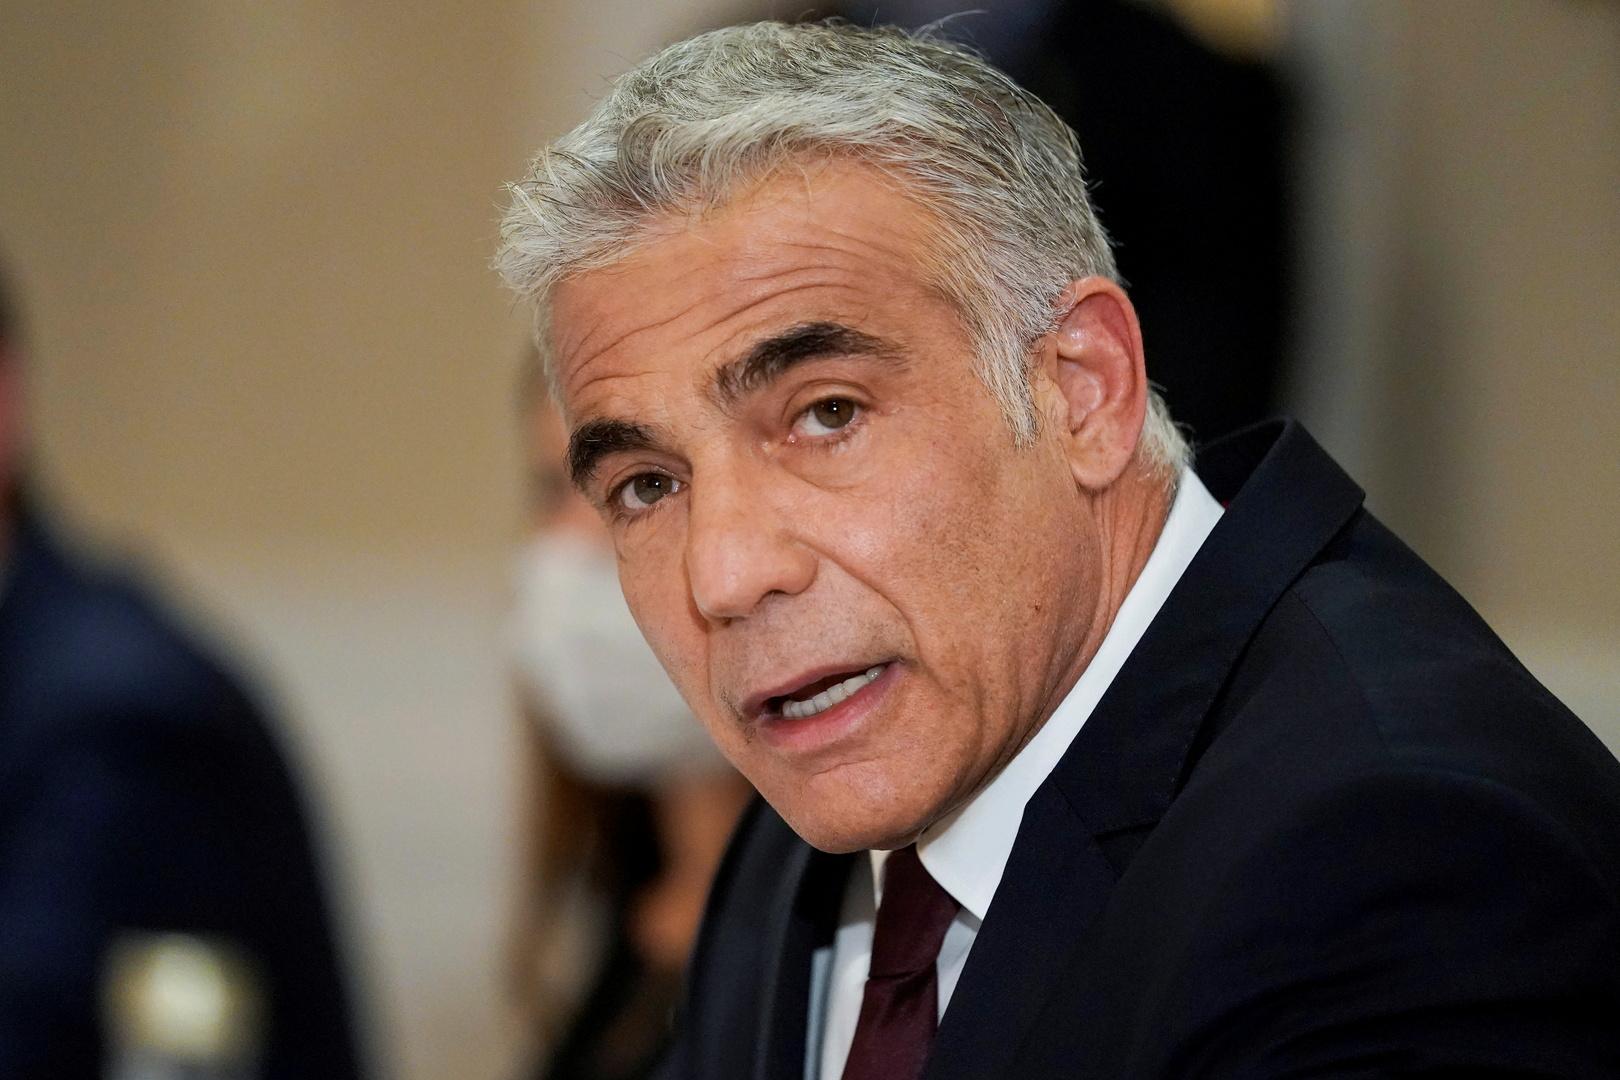 لابيد لنظيره البحريني: هناك حاجة لتوسيع اتفاقيات السلام حتى تشمل دولا أخرى في المنطقة